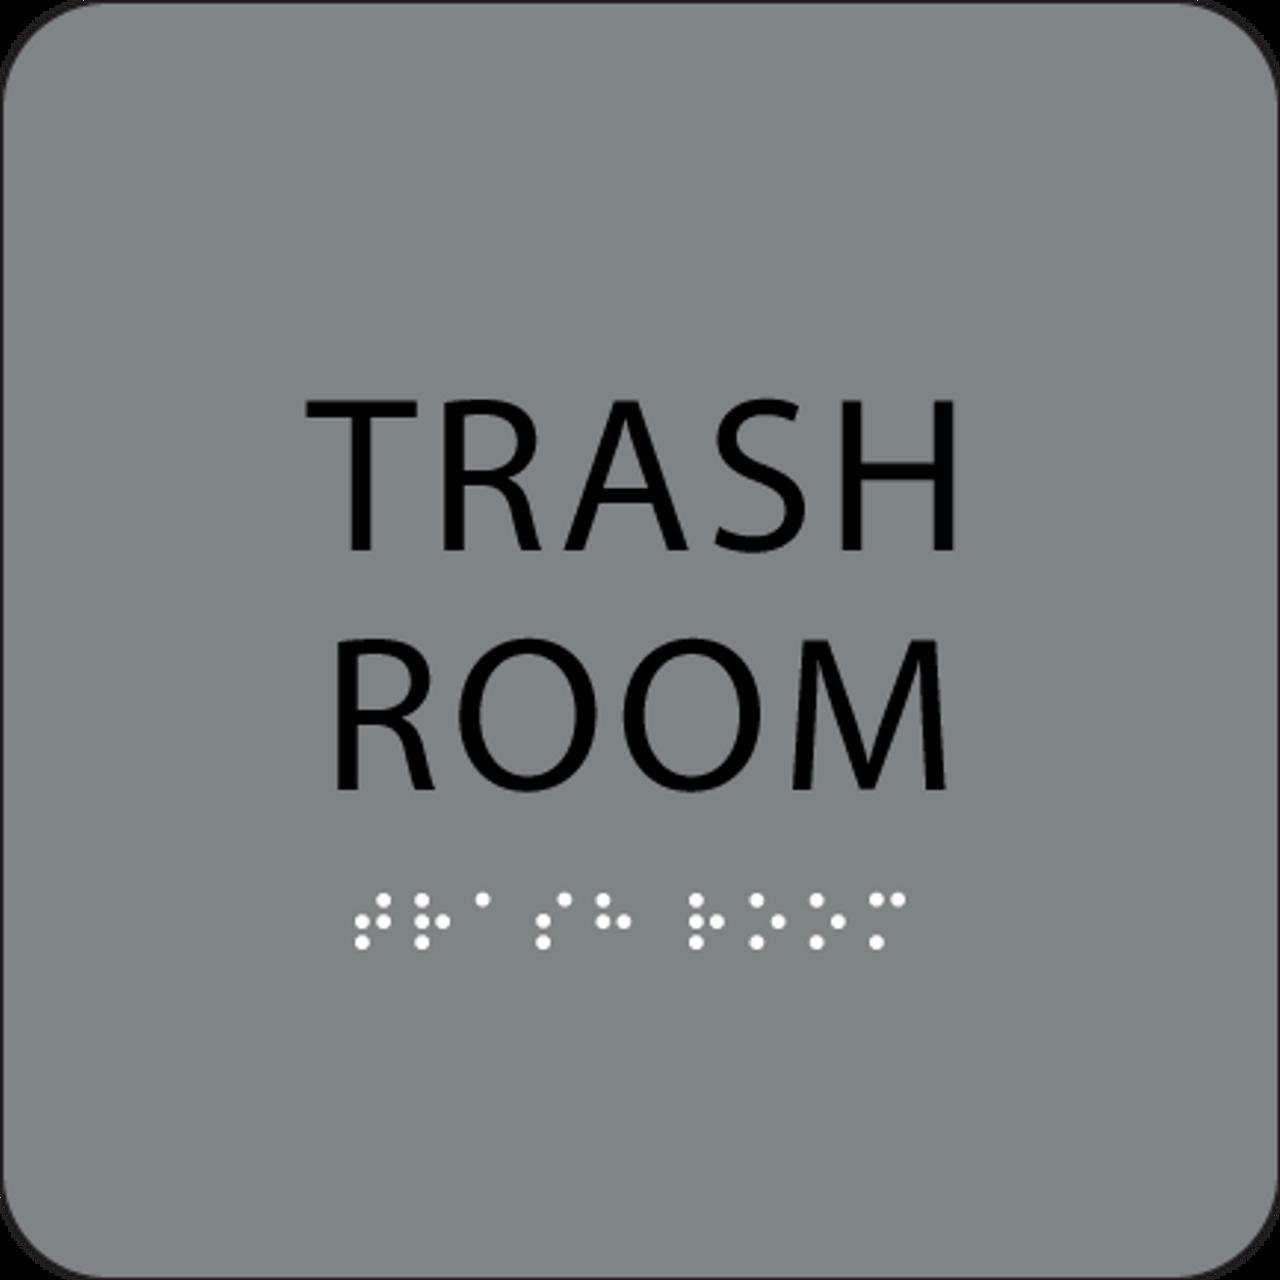 """Trash Room ADA Sign - 6"""" x 6"""""""